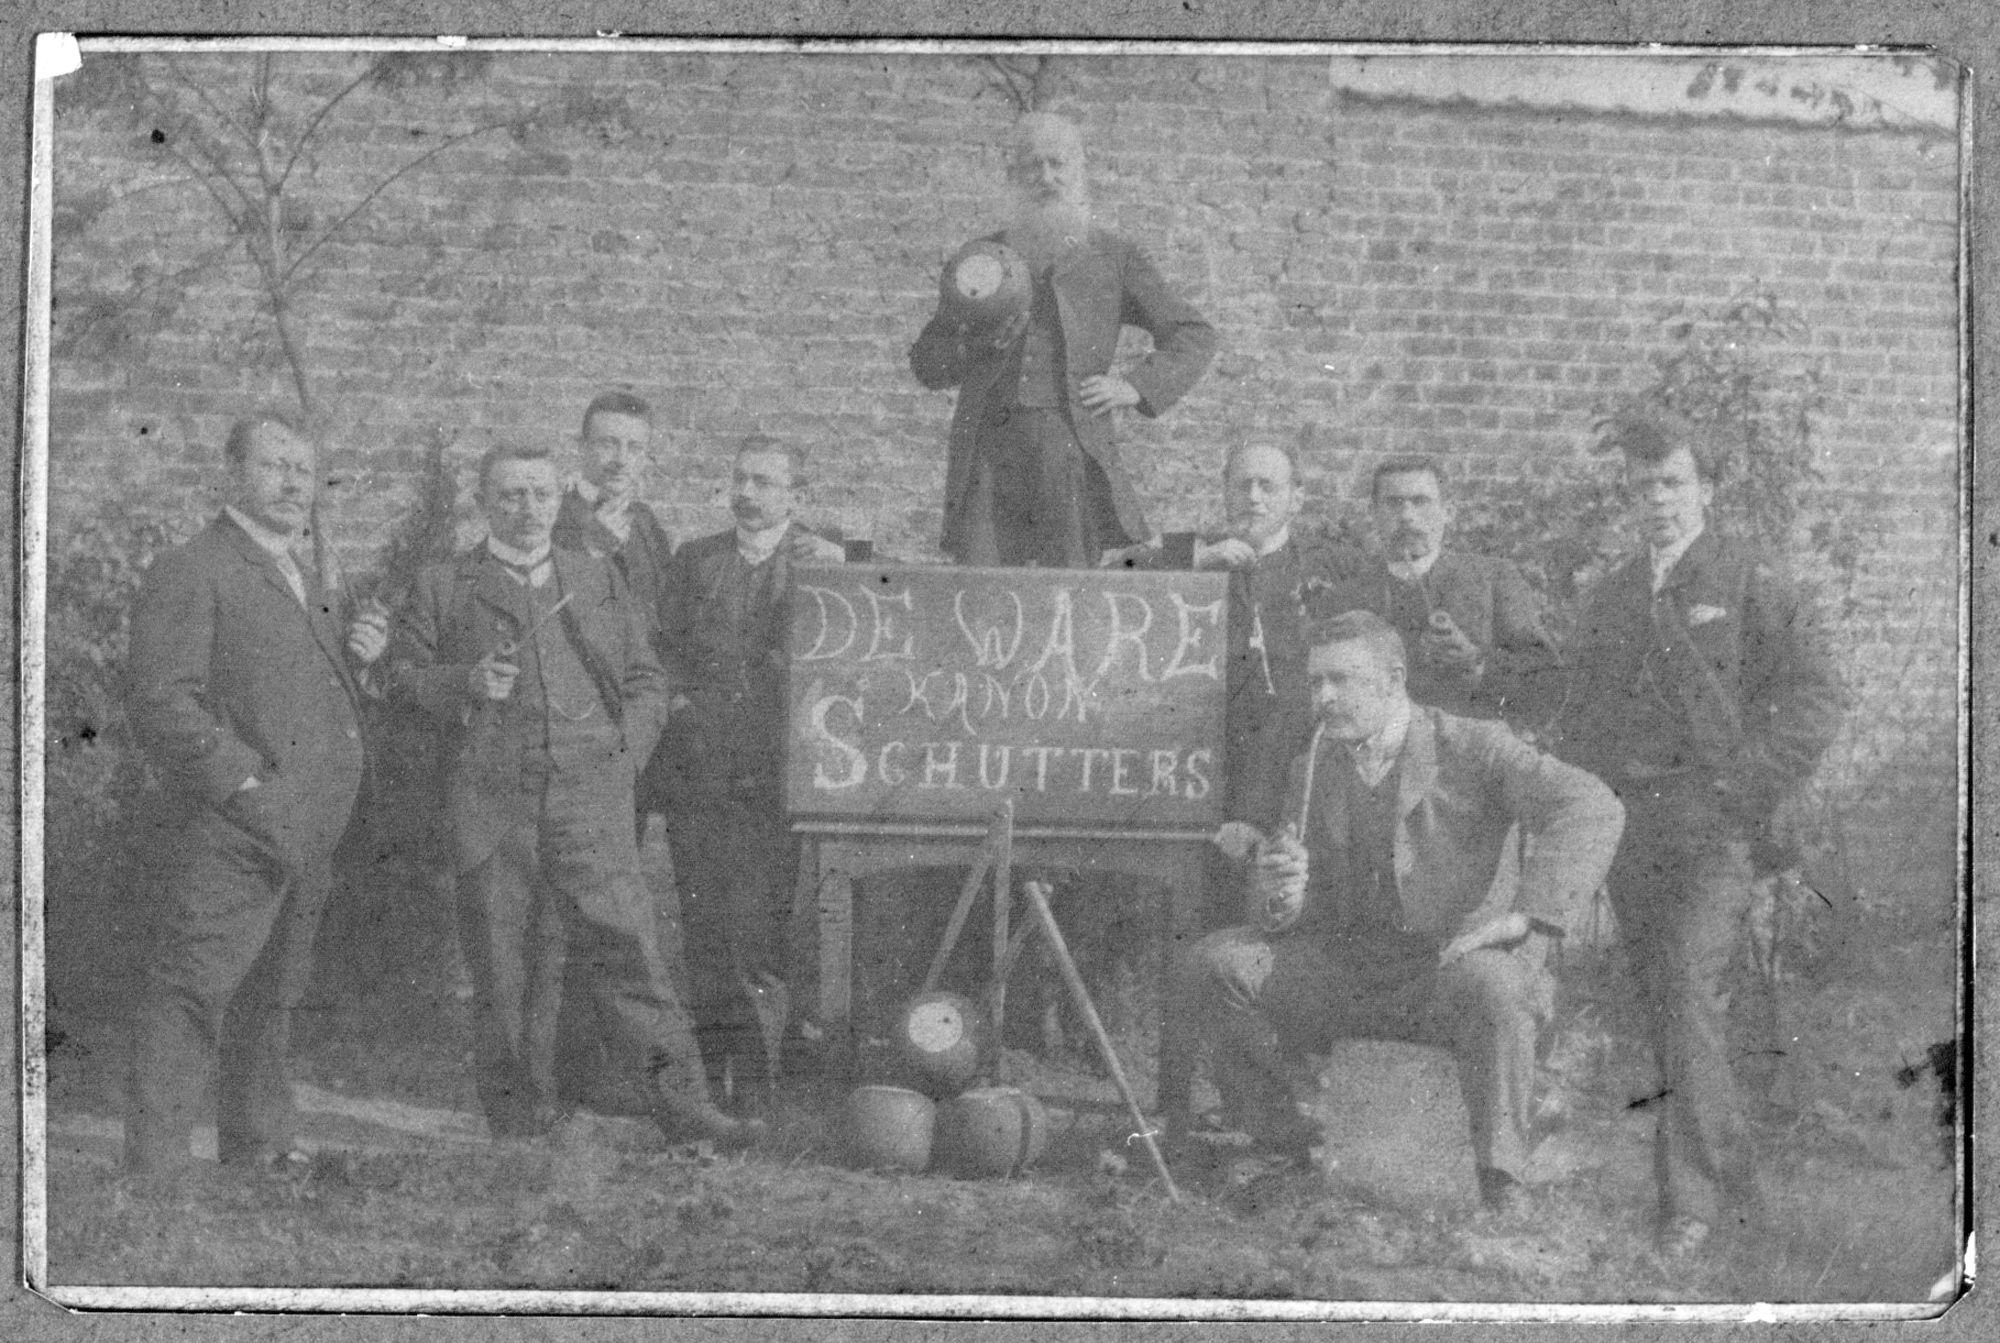 trabolspelers in de herberg Het Kanon, midden met de bal dhr. Baelde_ca. 1905